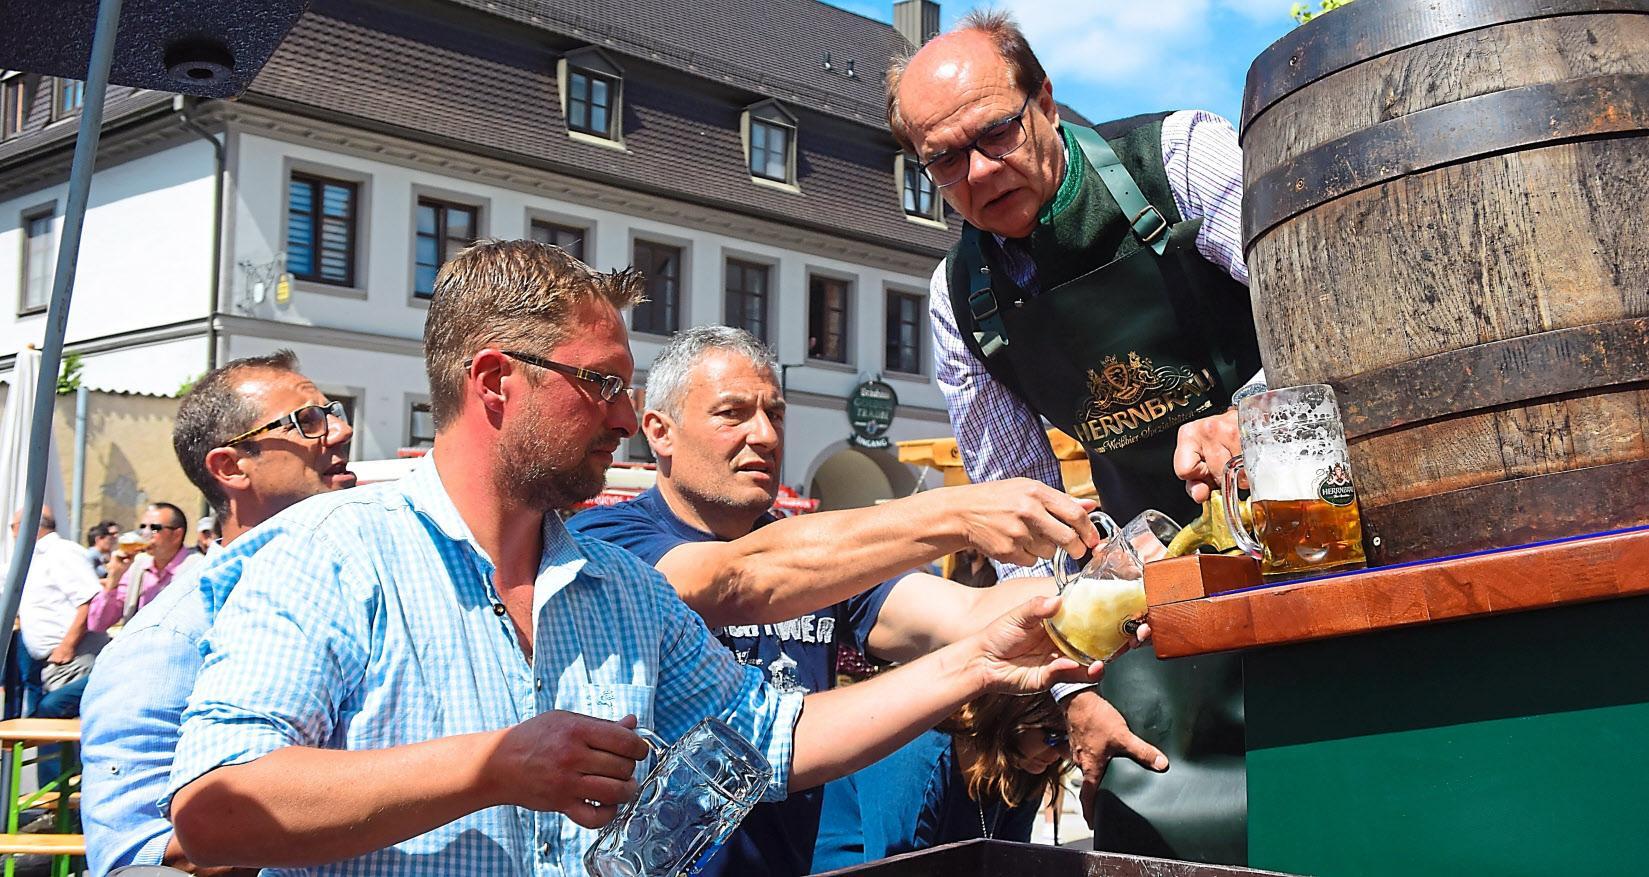 Ozapft is: Am Samstagabend eröffnet Bürgermeister Ludwig Diepold das Fest mit dem Bieranstich.